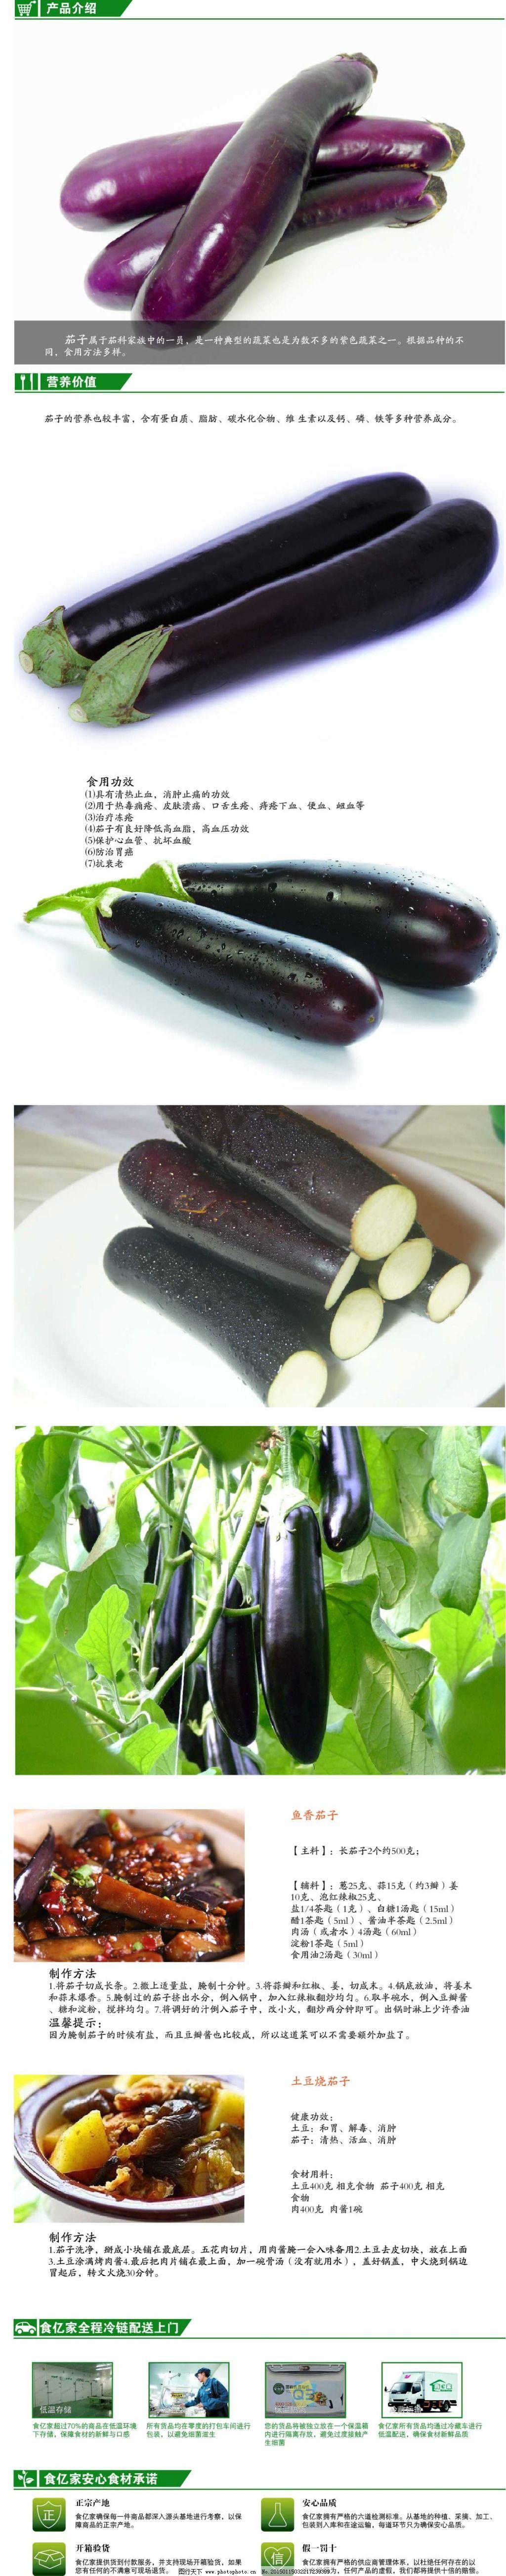 农产品茄子详情页设计